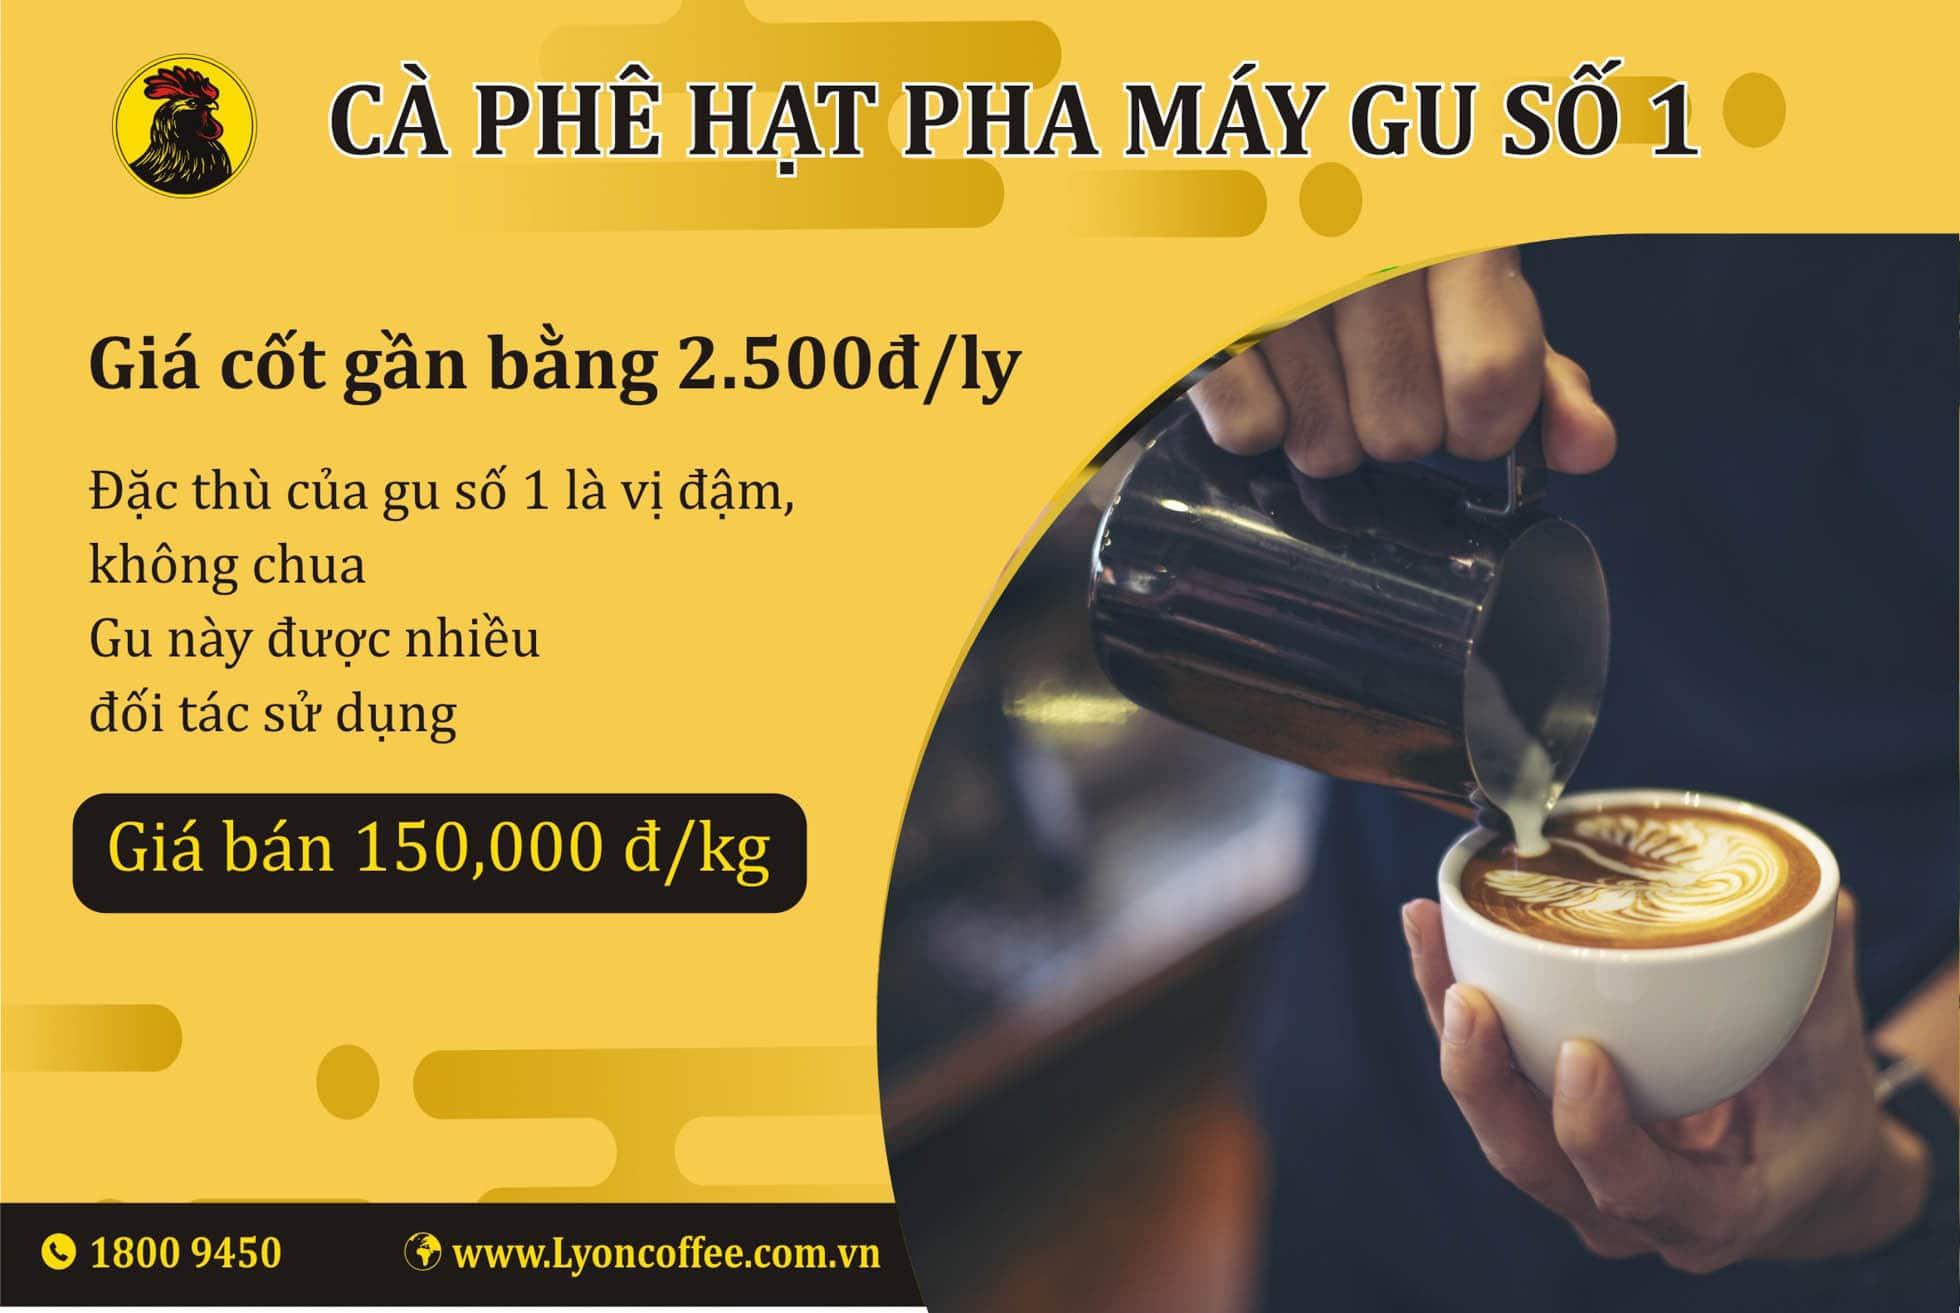 Đánh giá cà phê pha máy gu số 1